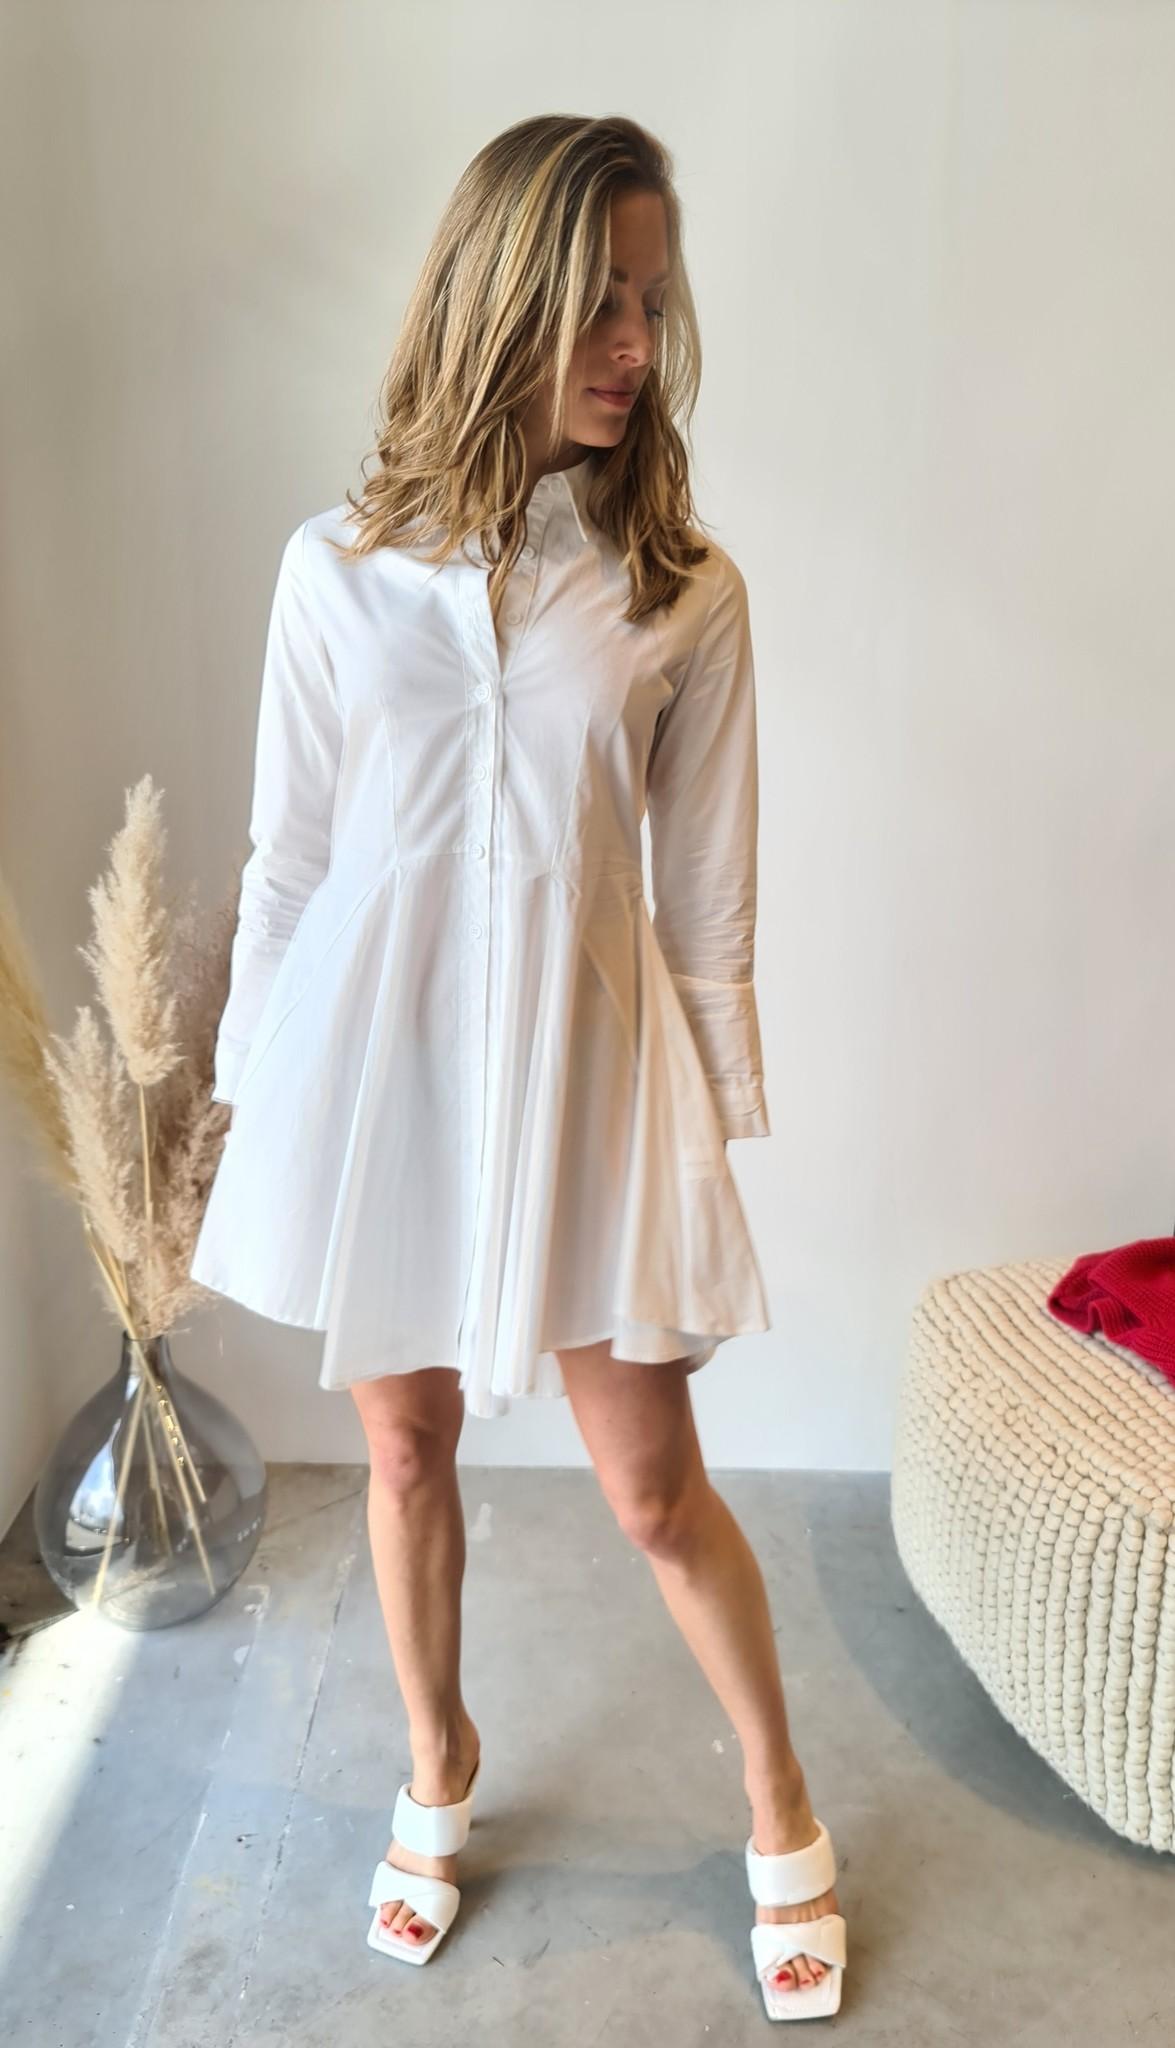 ROBIN robe-3